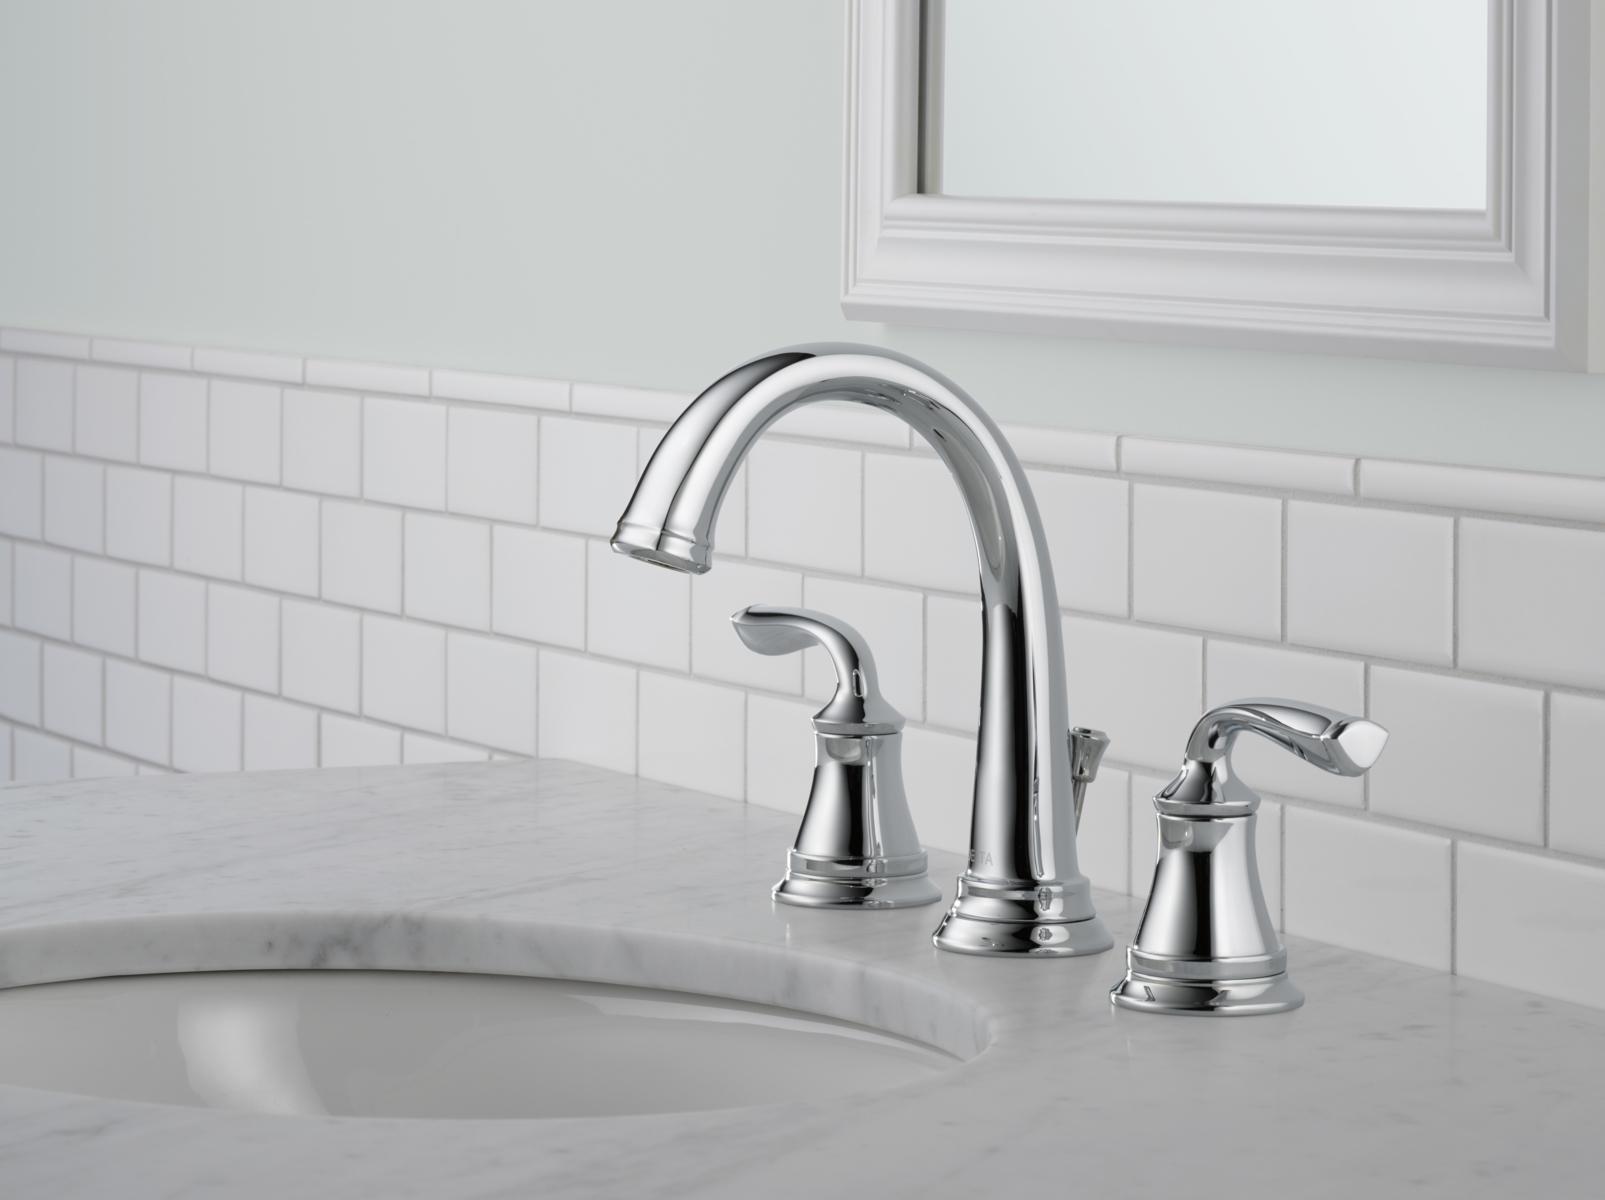 delta lorain deck mount tub faucet delta lorain deck mount tub faucet lorain bathroom collection 1605 x 1200